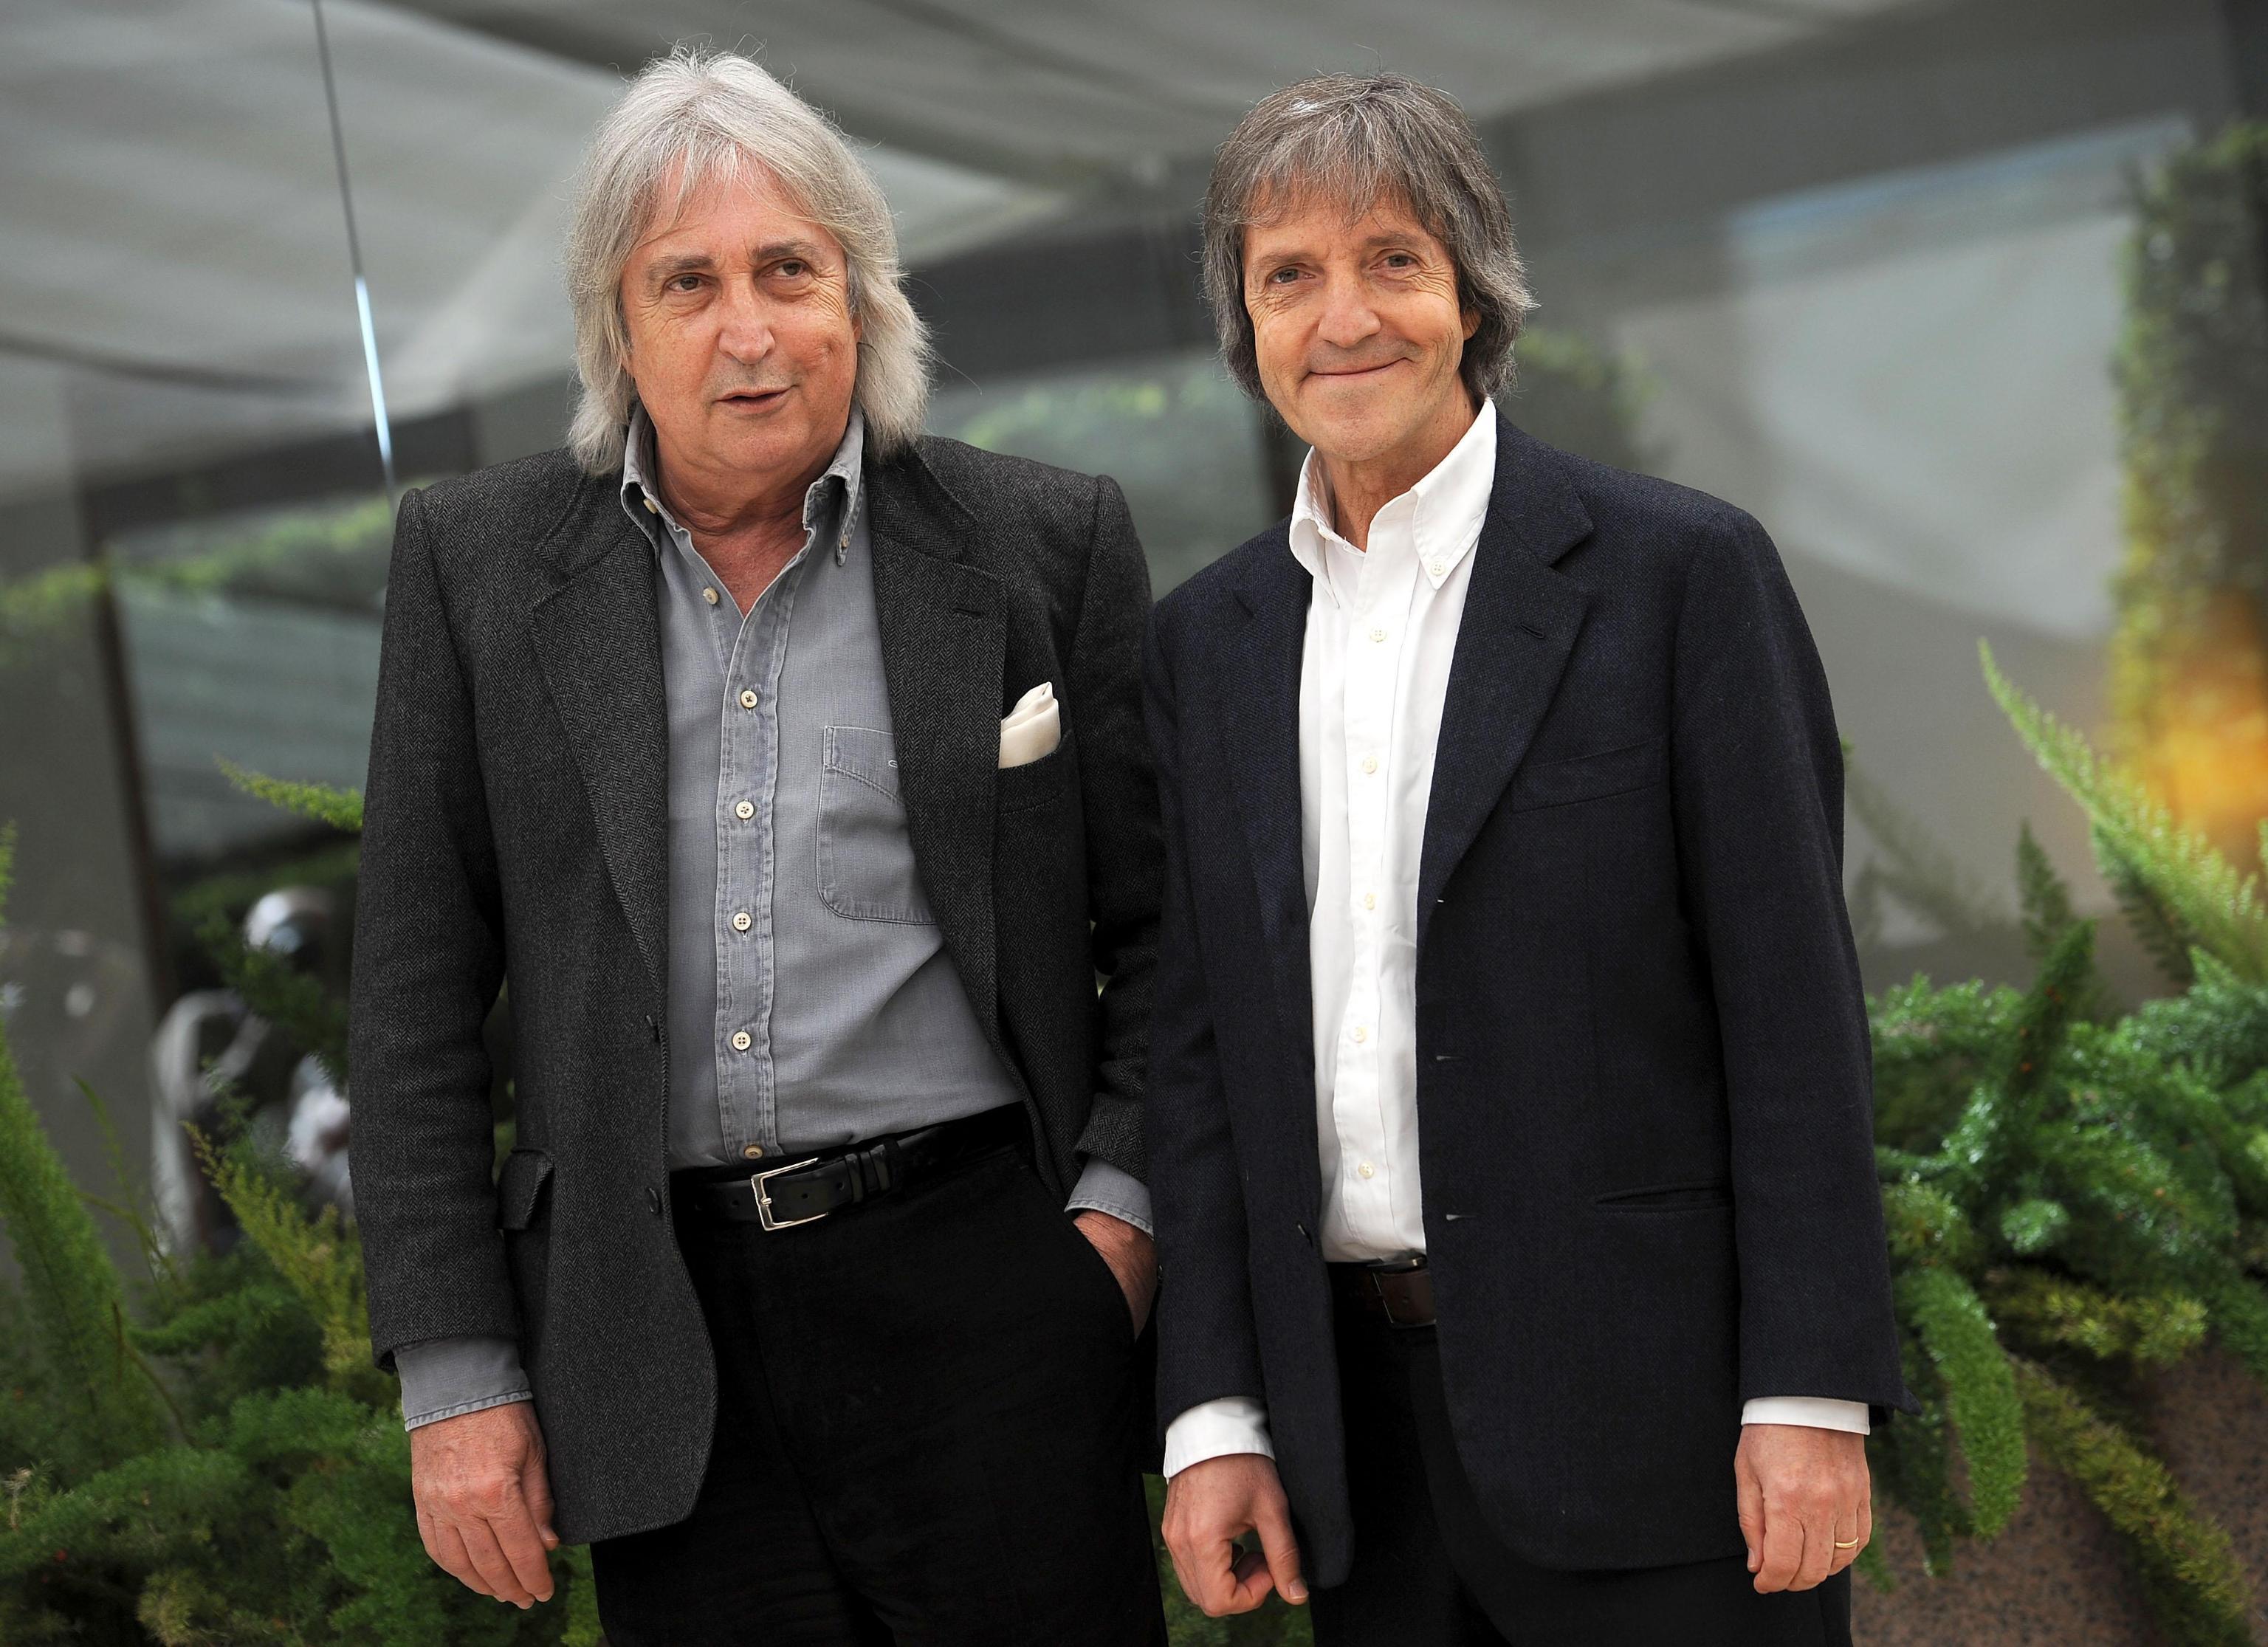 Enrico Vanzina dopo la morte del fratello Carlo: 'Per me era tutto, ho il cuore a metà'